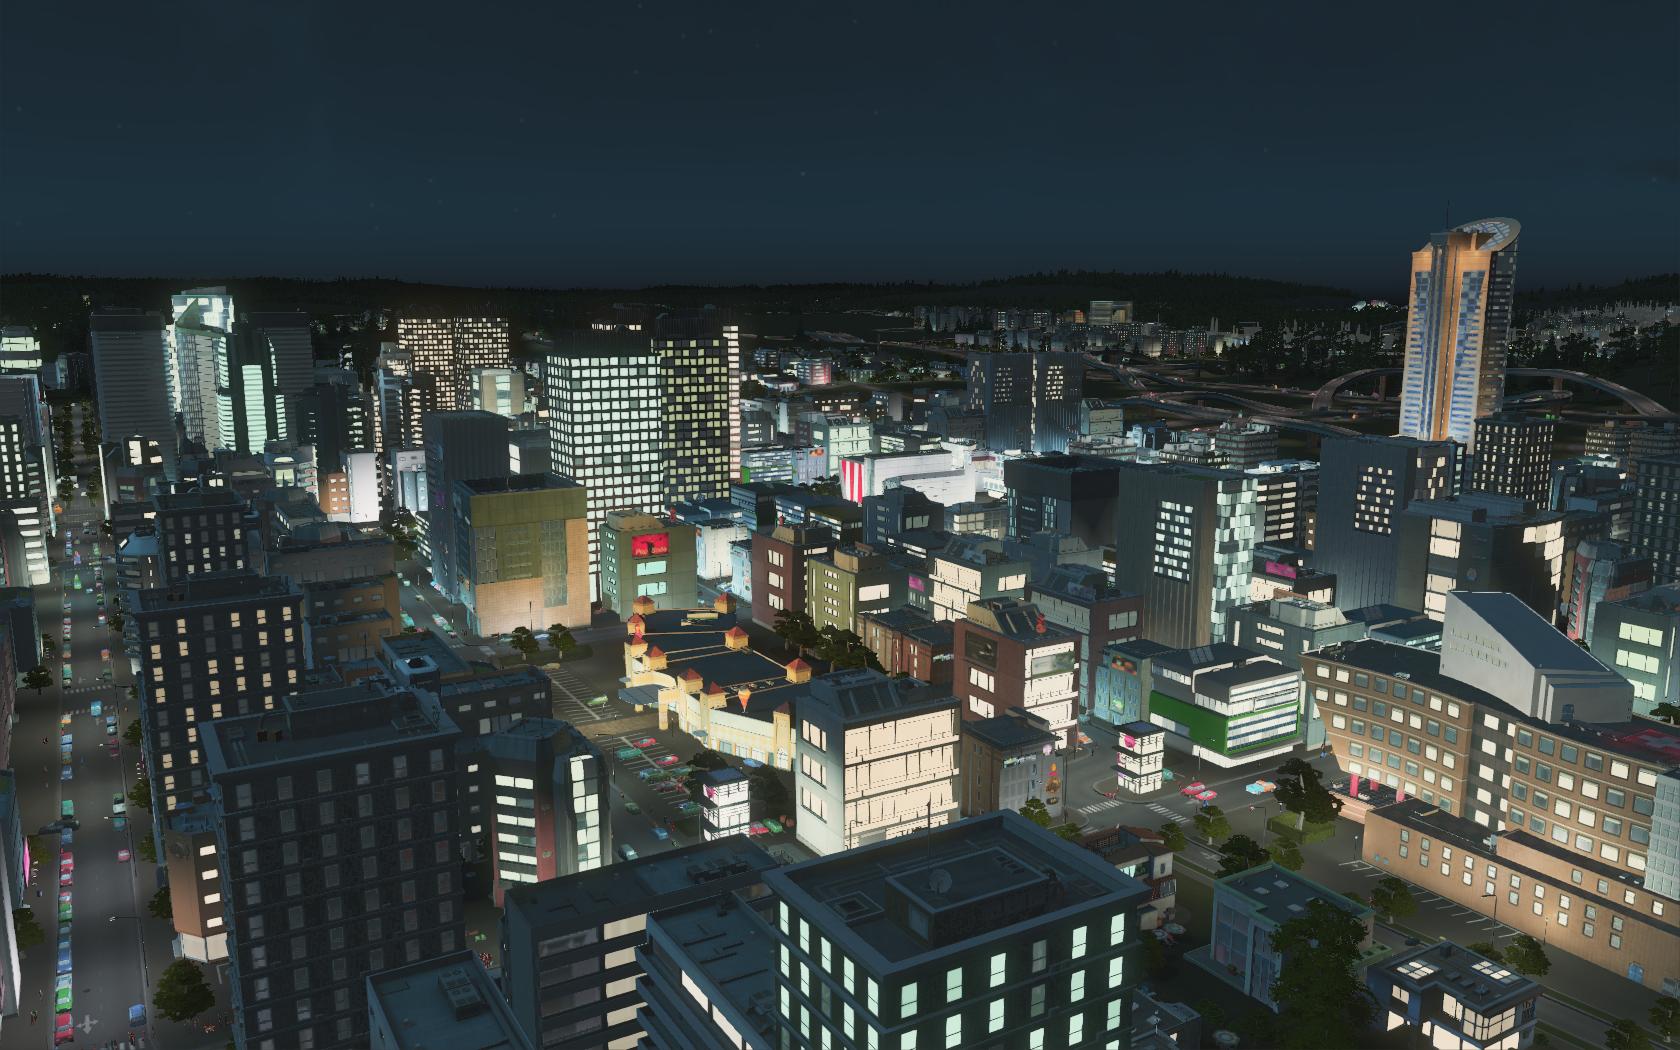 Unsere Metropole bei Nacht.